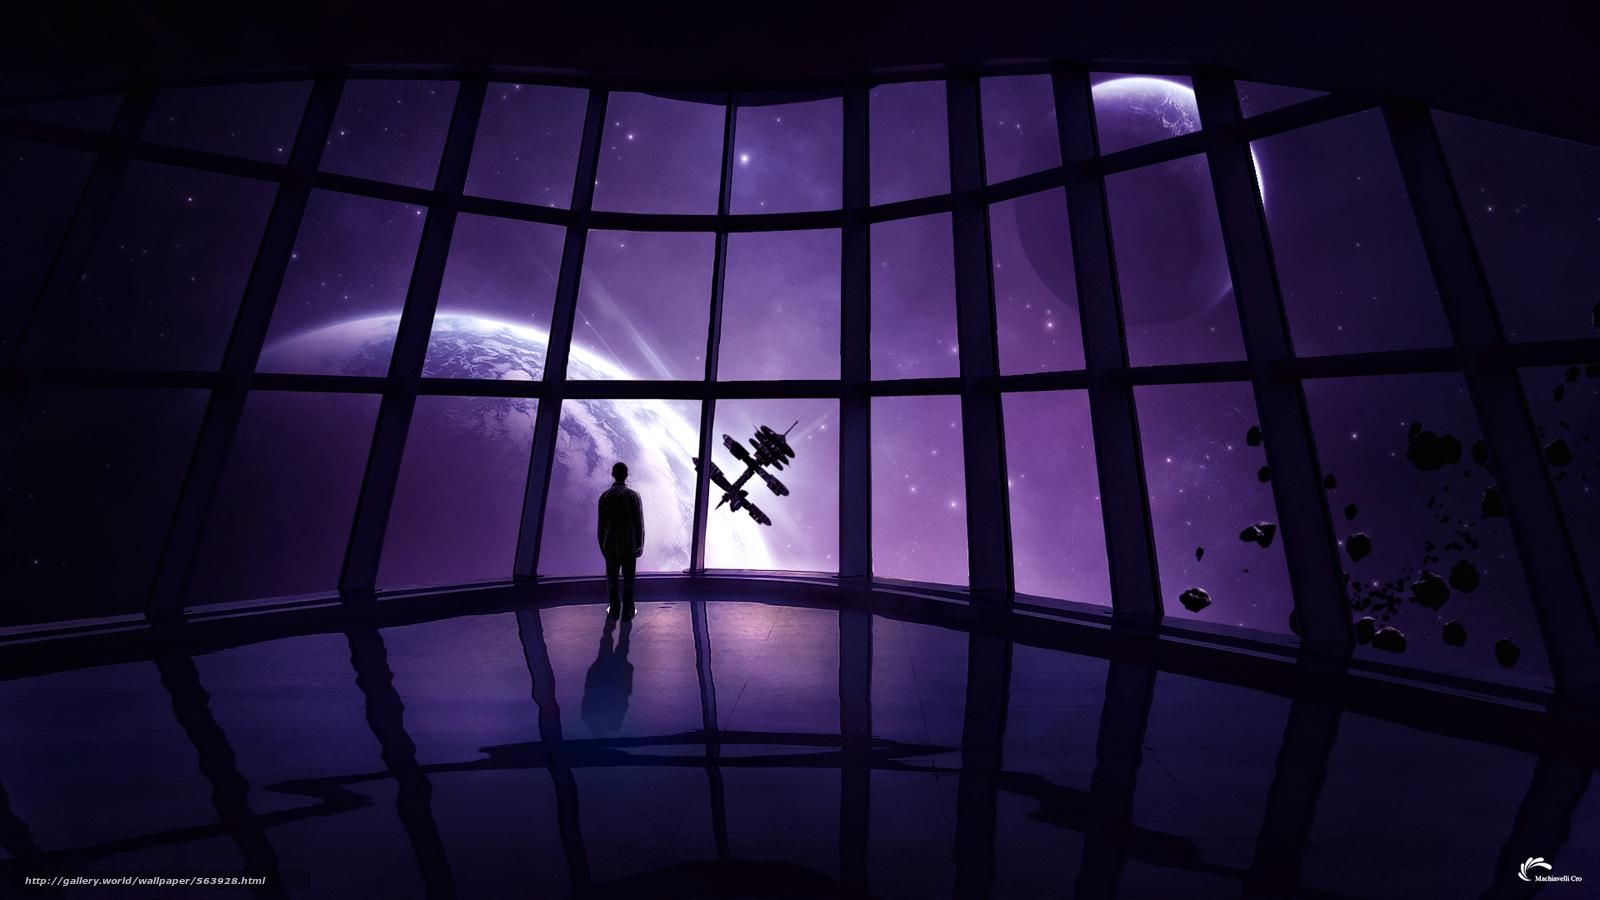 Скачать на телефон обои фото картинку на тему корабль, человек, камни, станция, астероиды, звезды, планеты, метеориты, космос, разширение 1920x1080